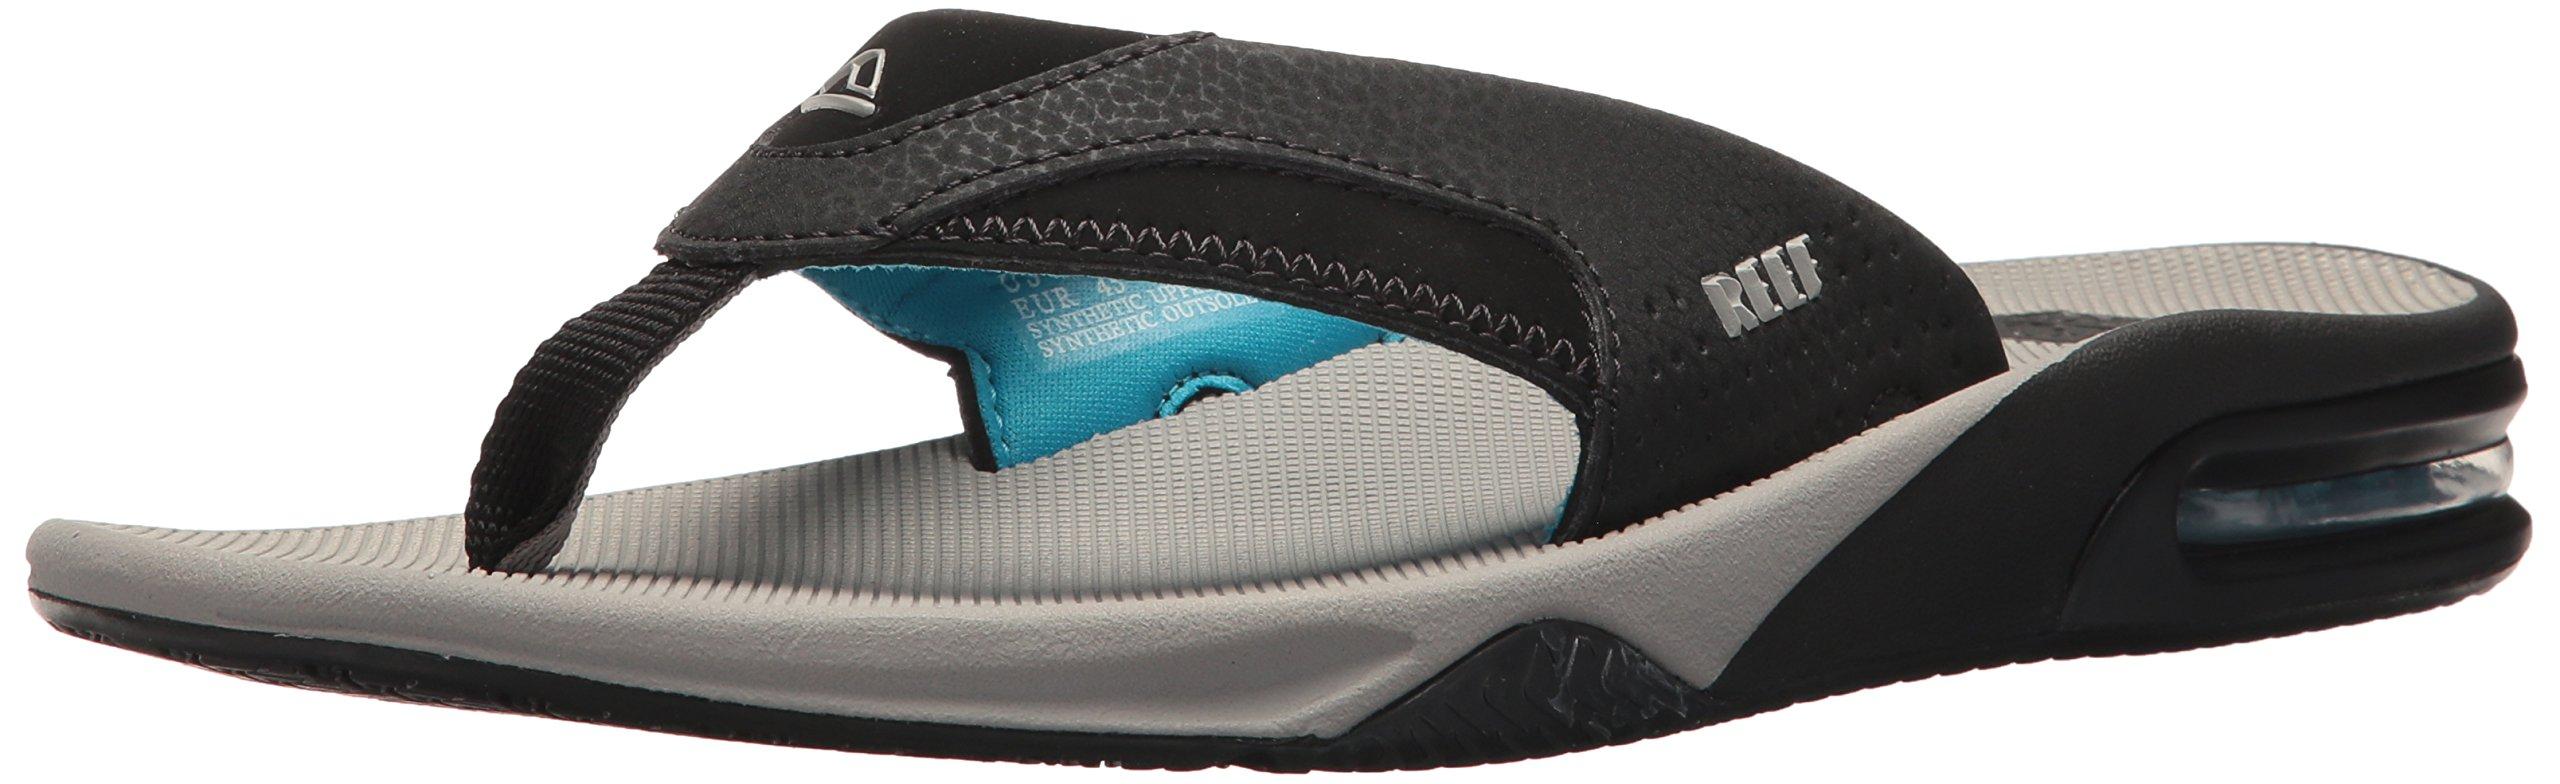 781e41bd8907 Reef Men s Fanning Sandal